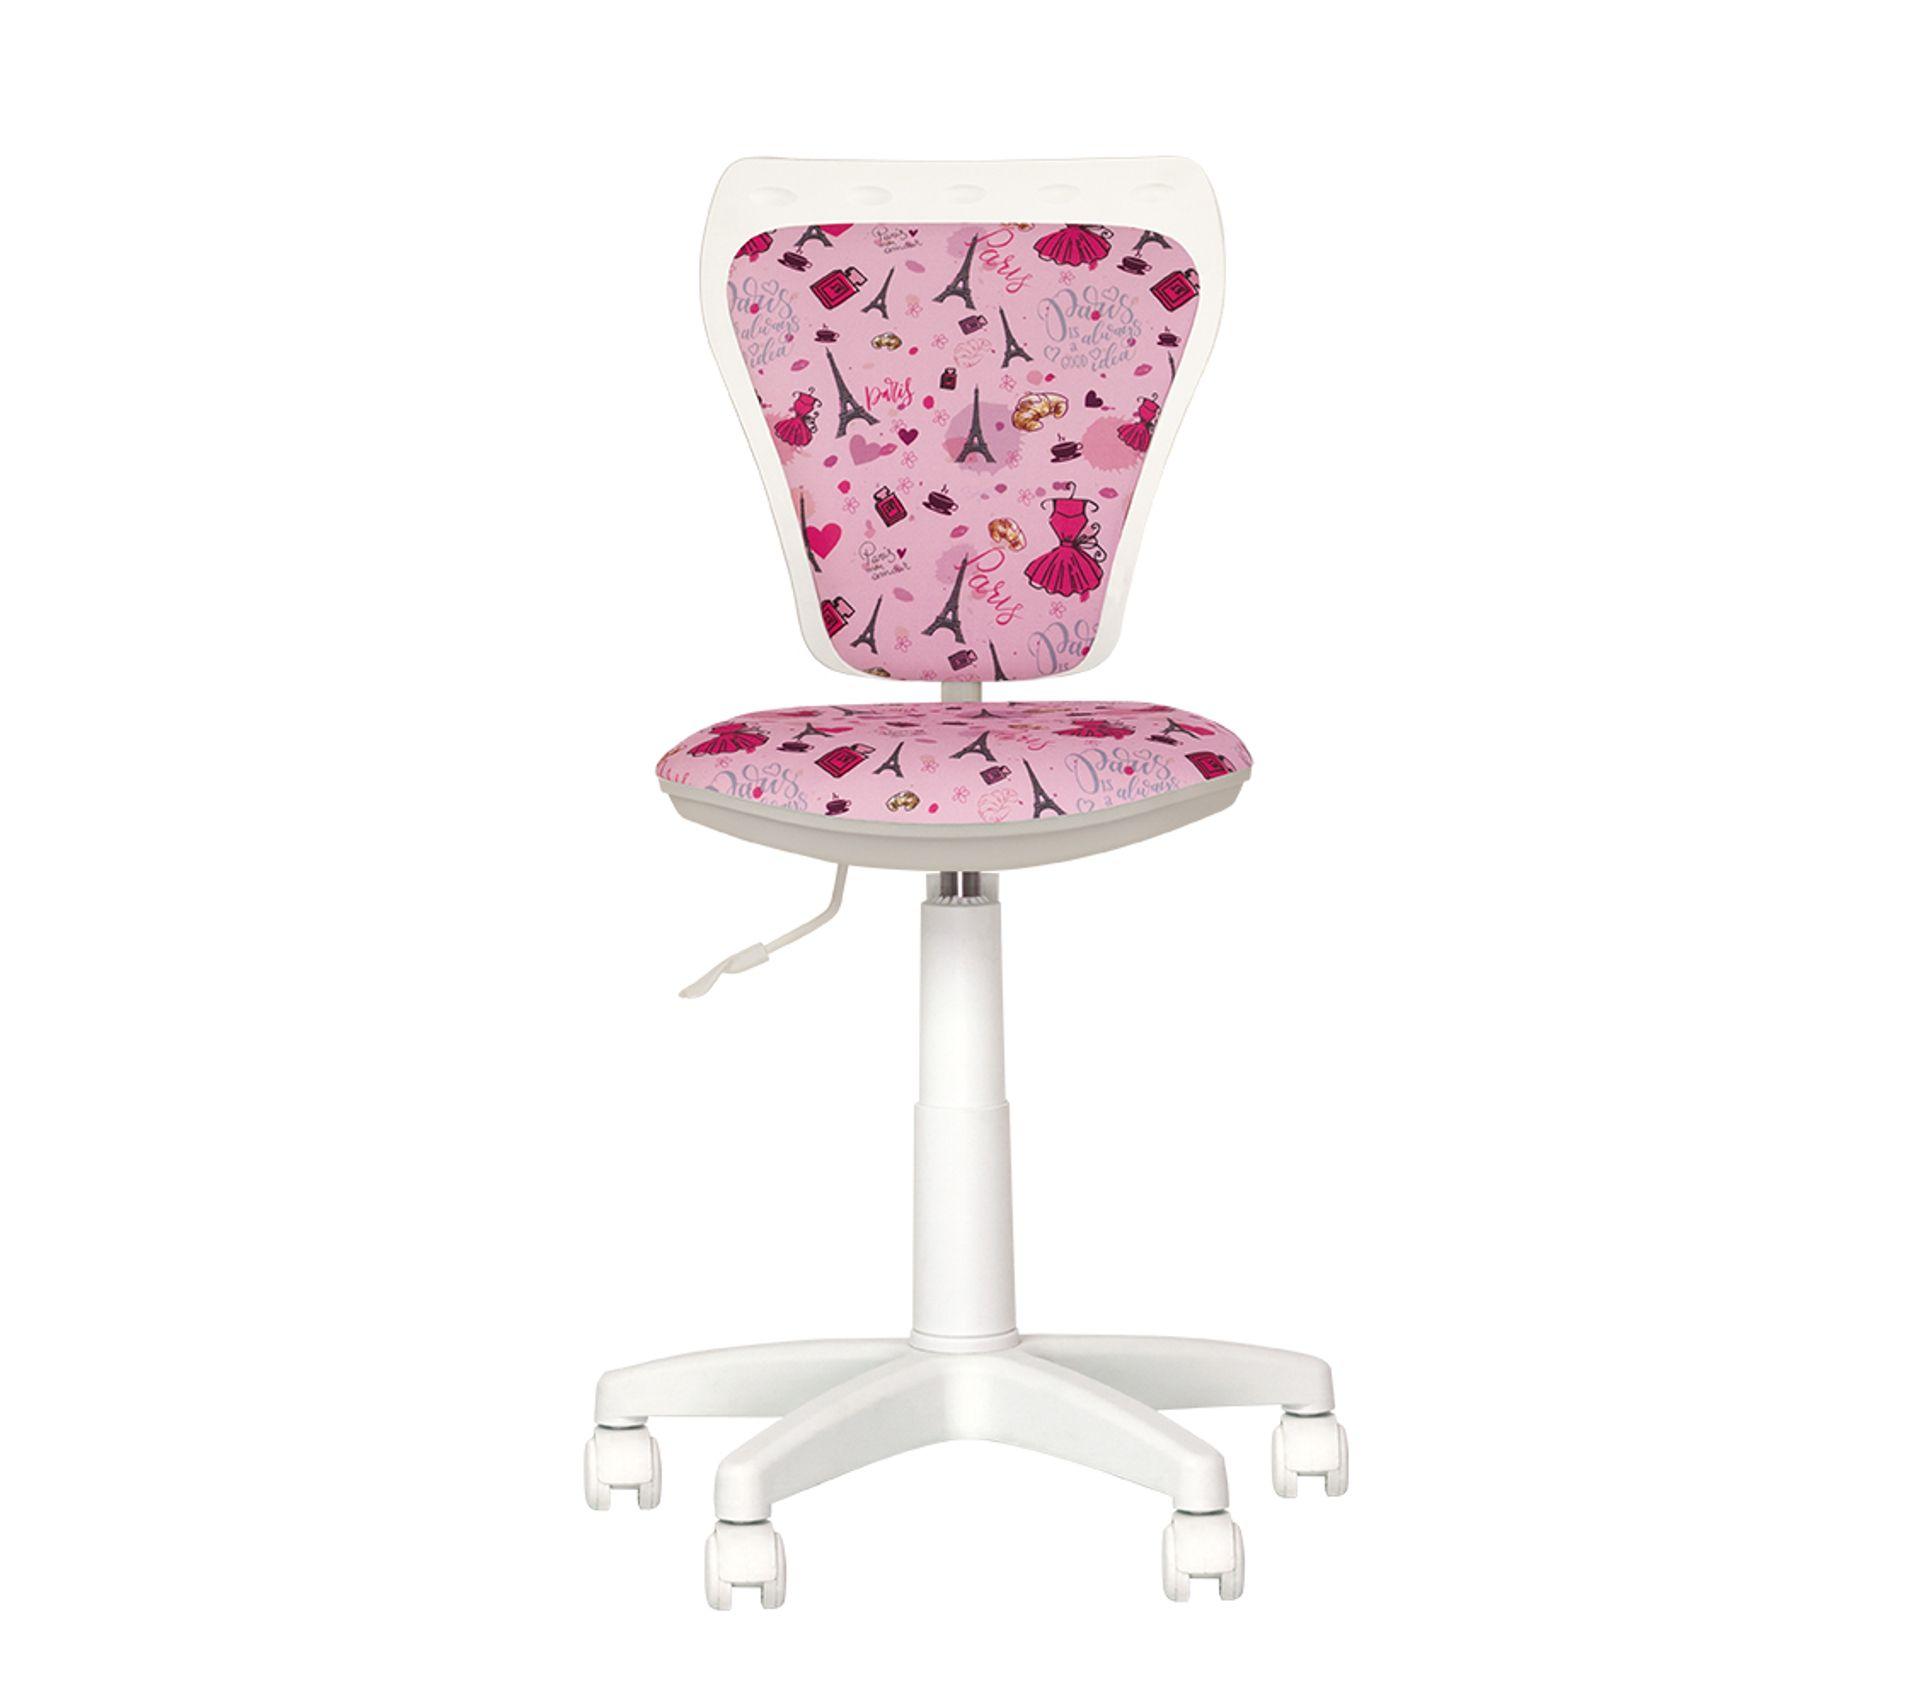 Ministyle Paris - Fauteuil, Chaise De Bureau Pour Enfant. Rose / Blanc.